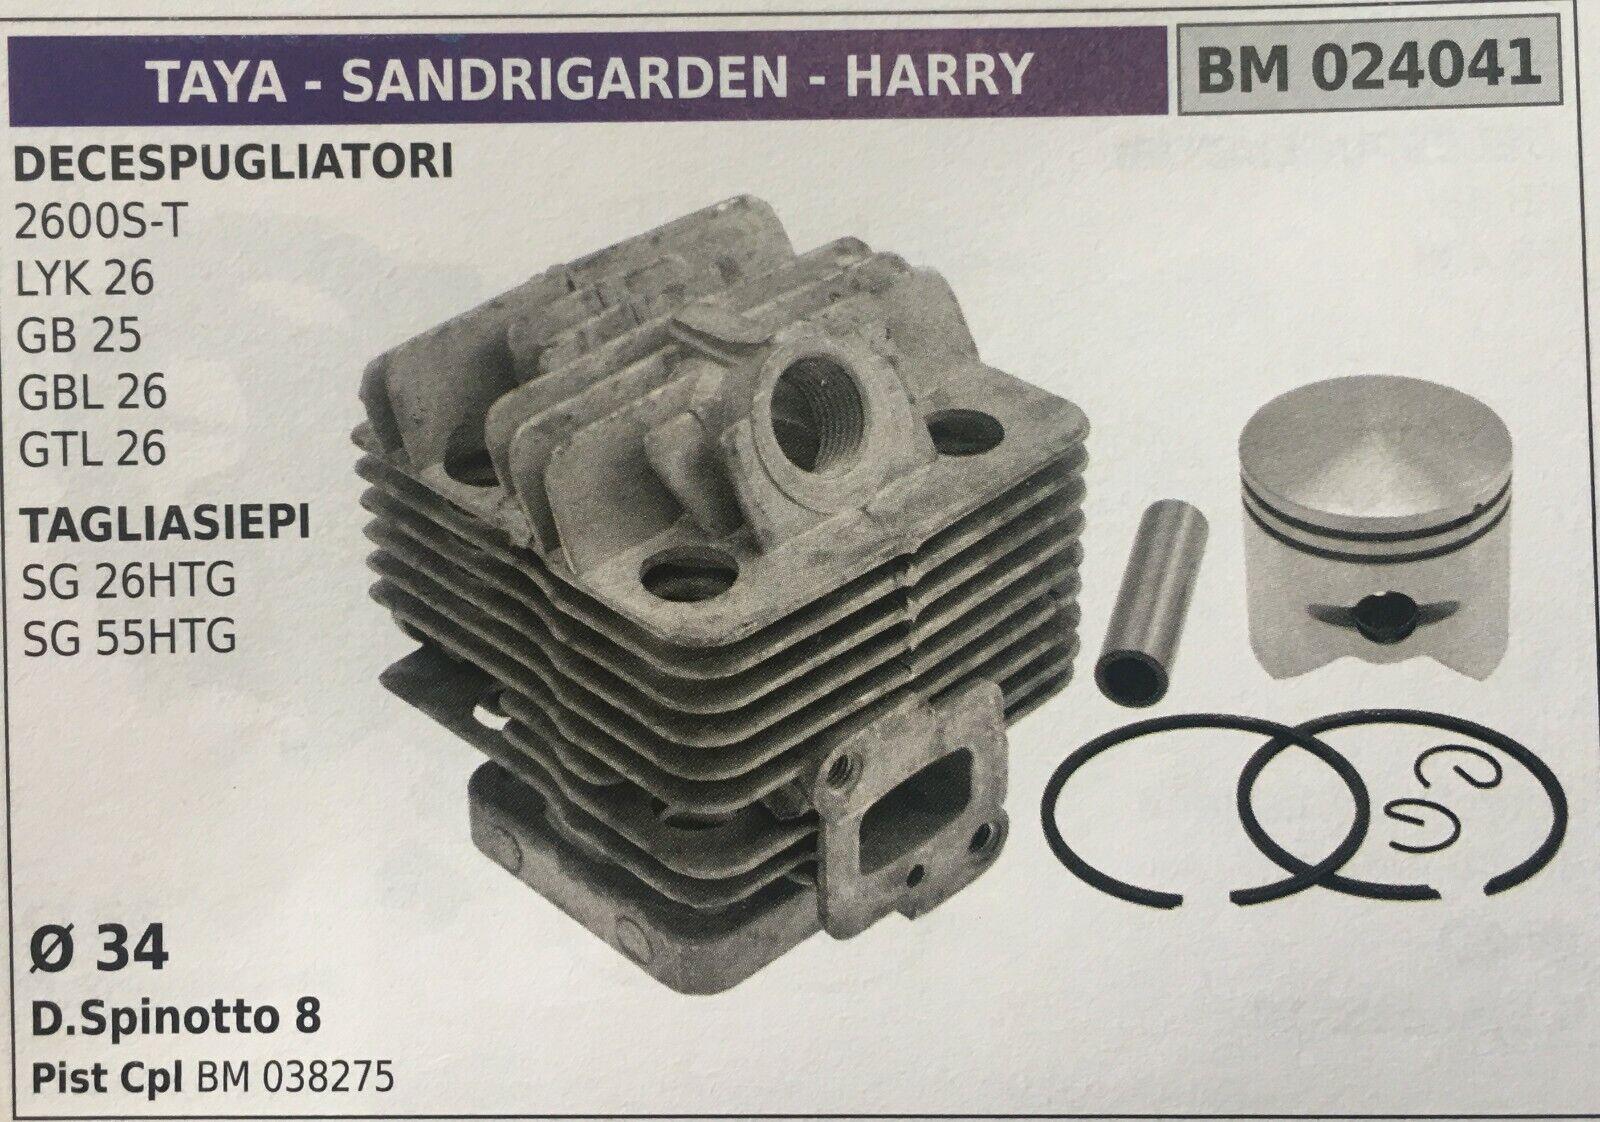 CILINDRO COMPLETO DI PISTONE E SEGMENTI BRUMAR BM024041 TAYA-SANDRIGARDEN-HARRY